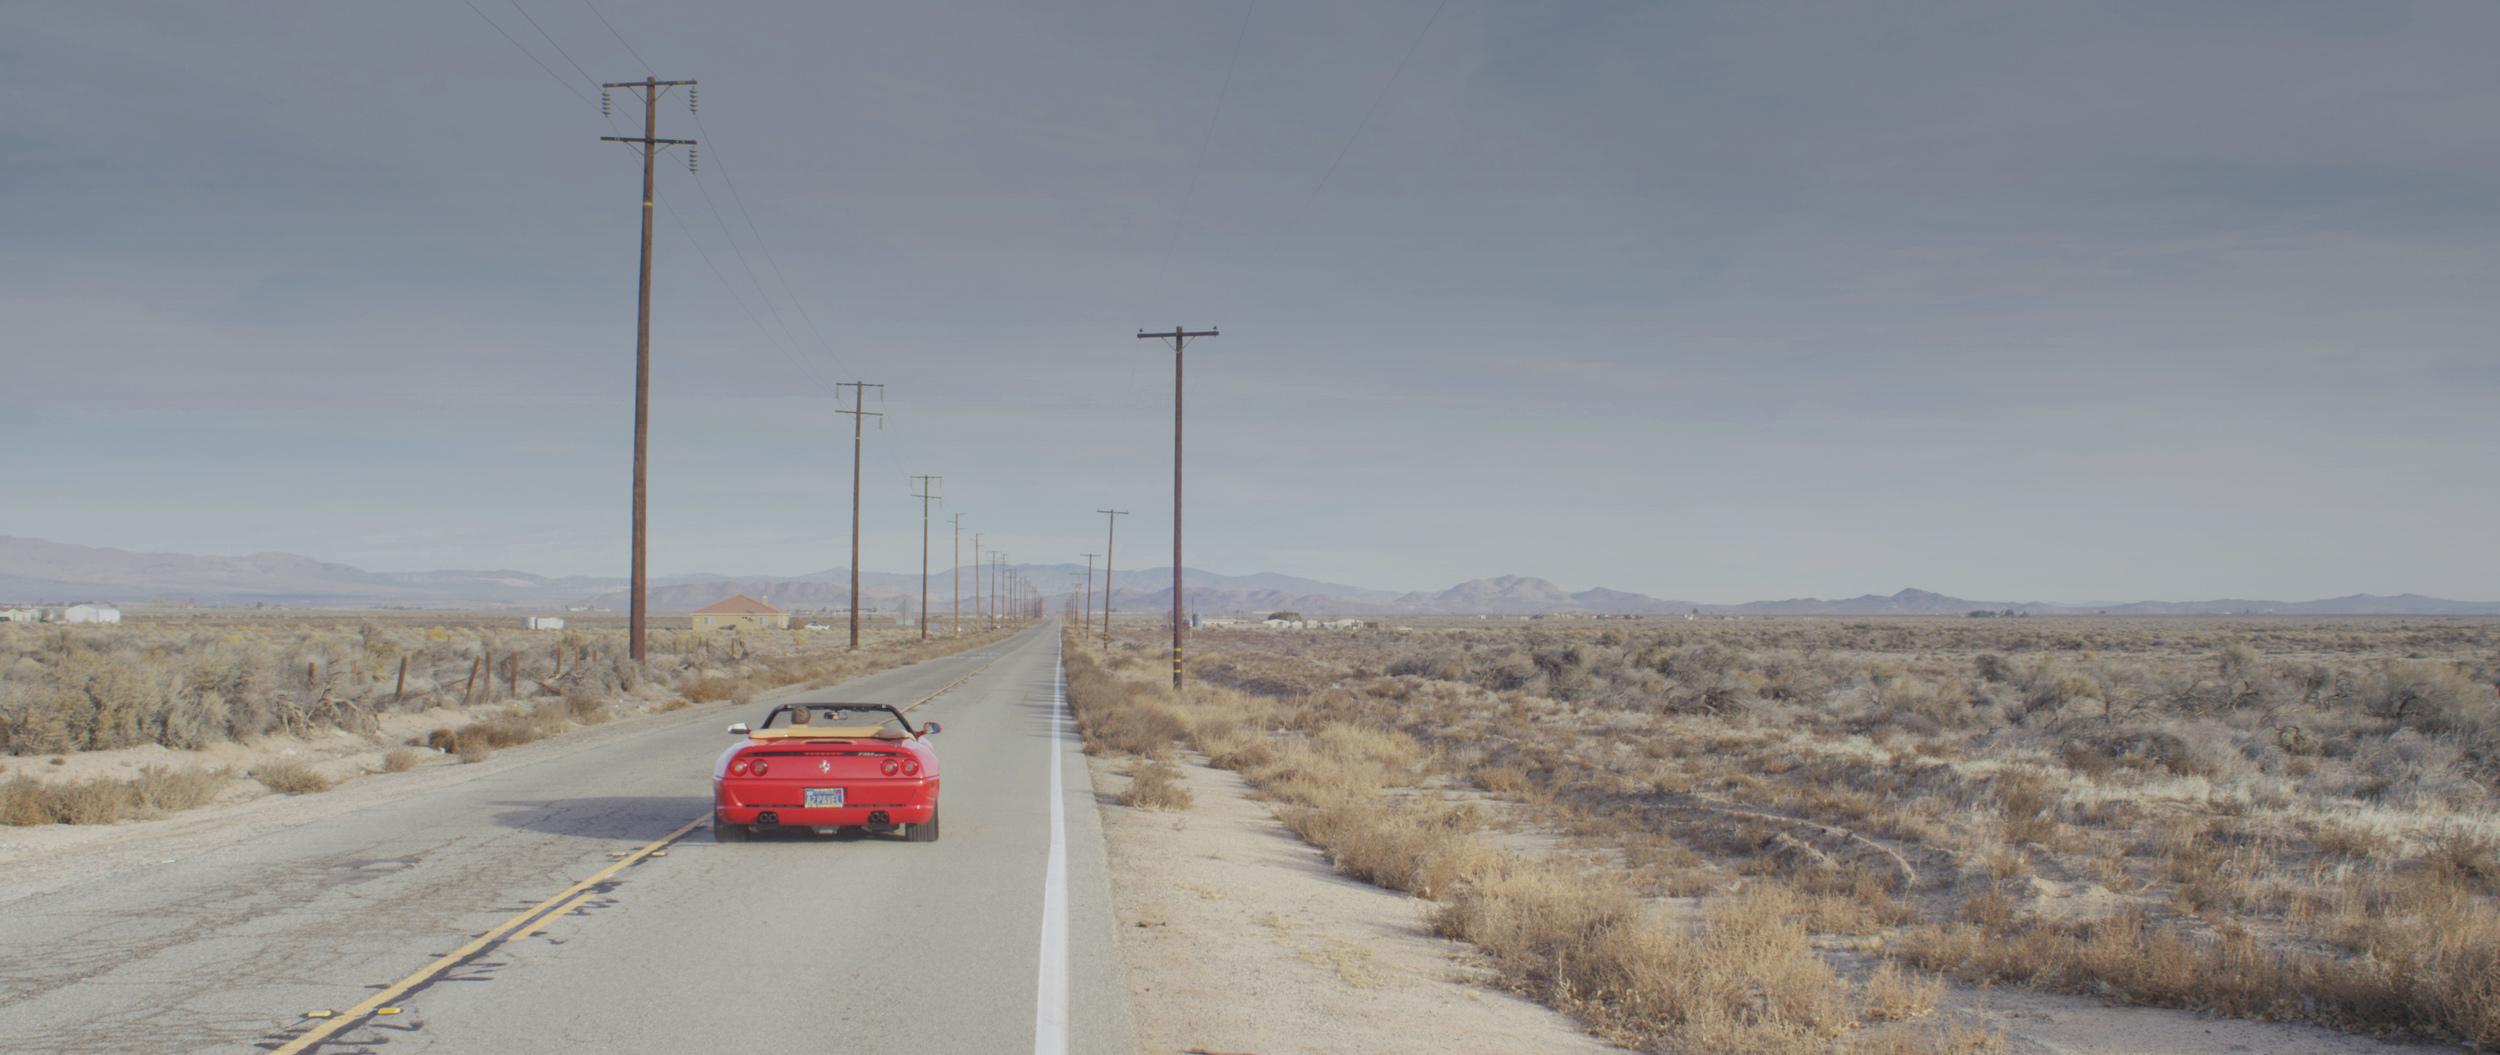 VALET  - SHORT FILM - GENRE  DIRECTOR: KURTIS TAUTSCHER   http://triaffefilms.com/